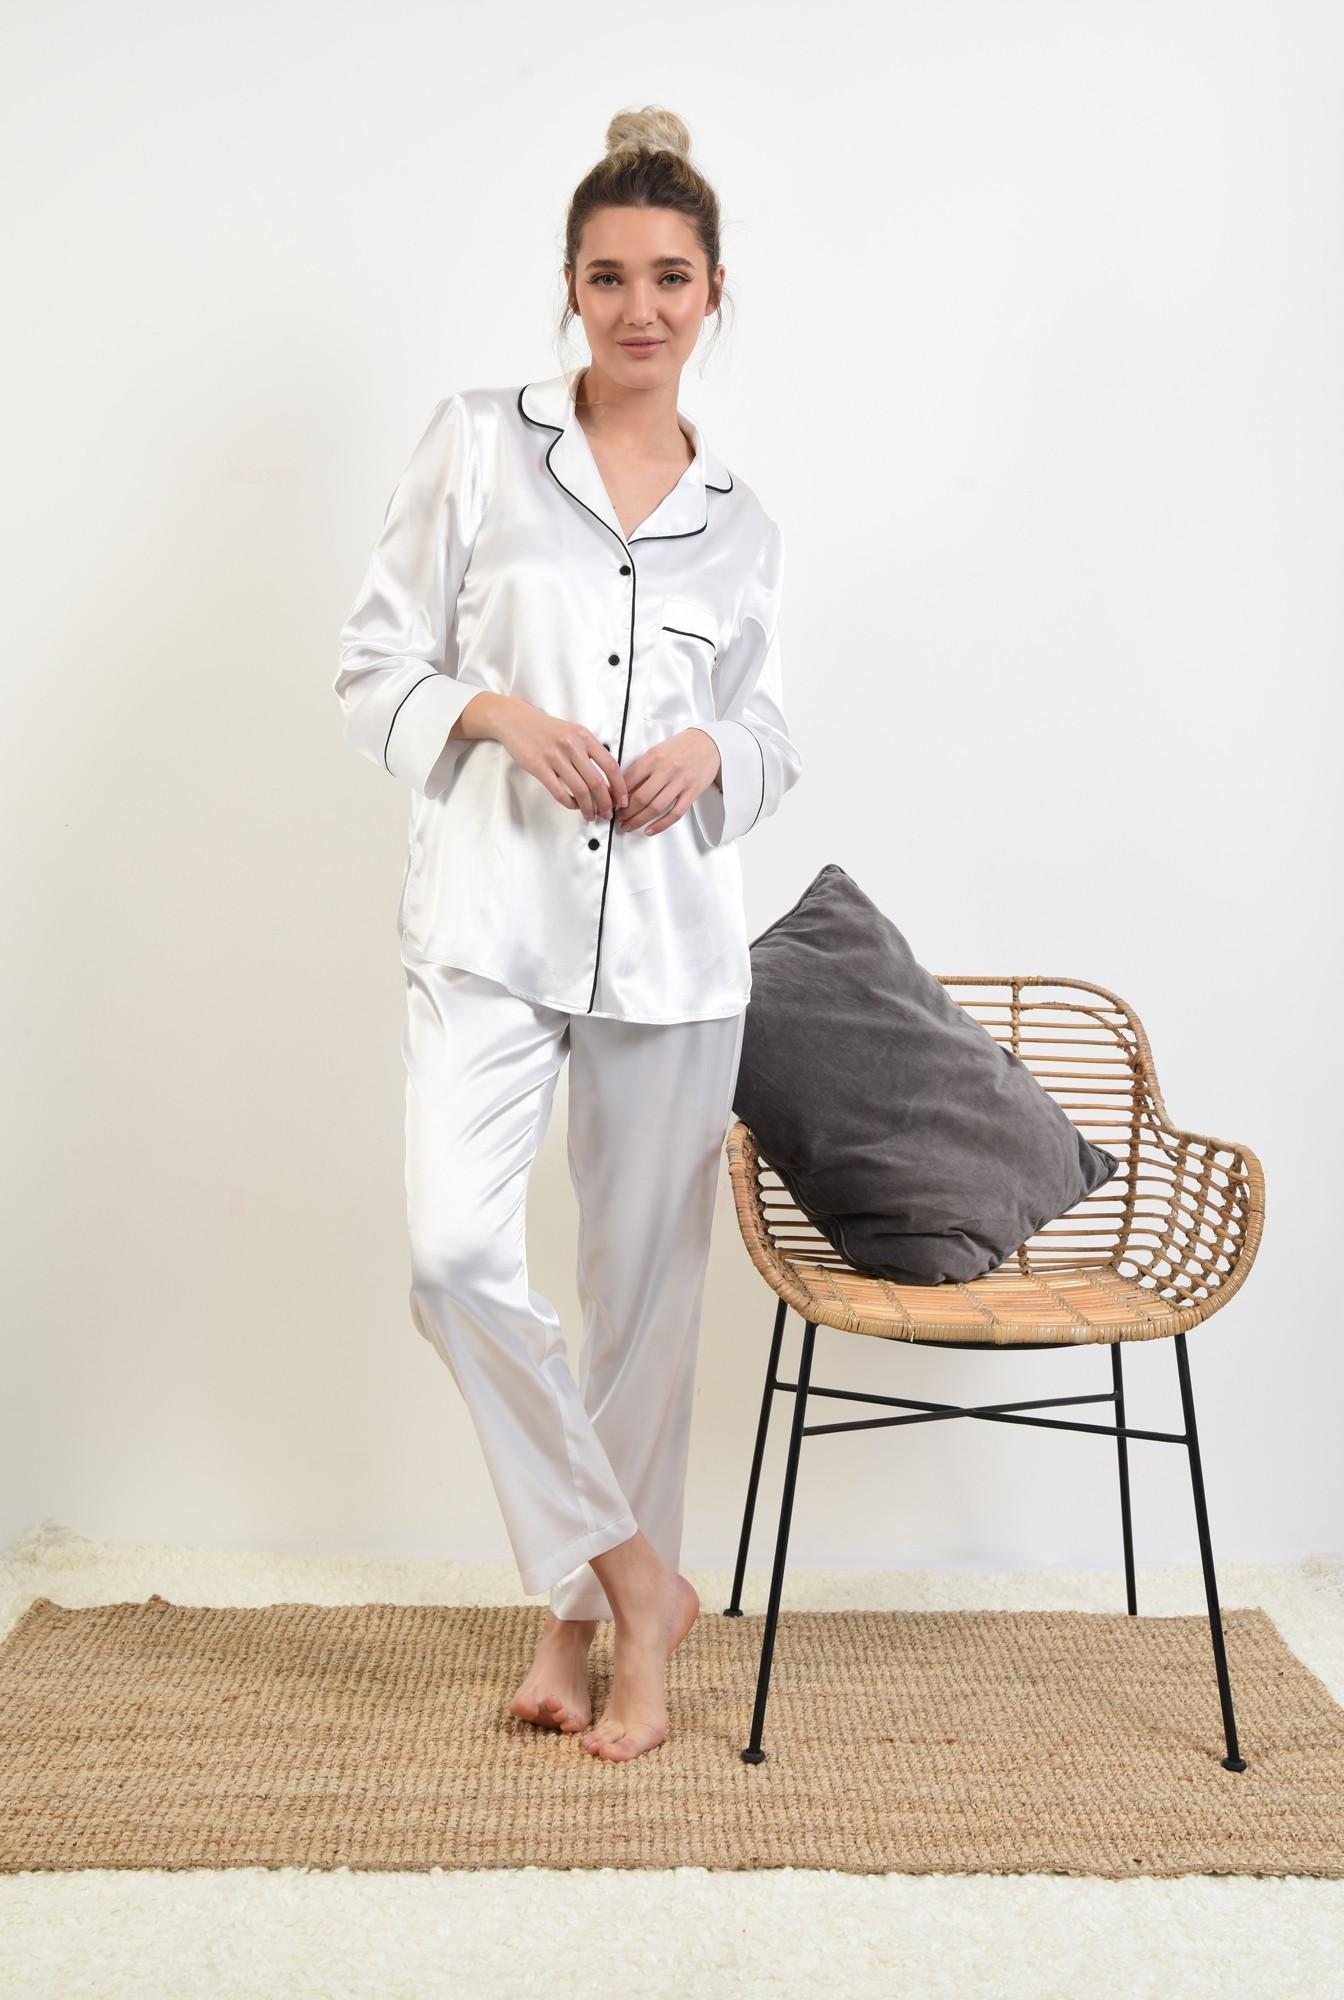 3 - camasa din satin, alb, cu nasturi, cu buzunar, cu borduri contrastante